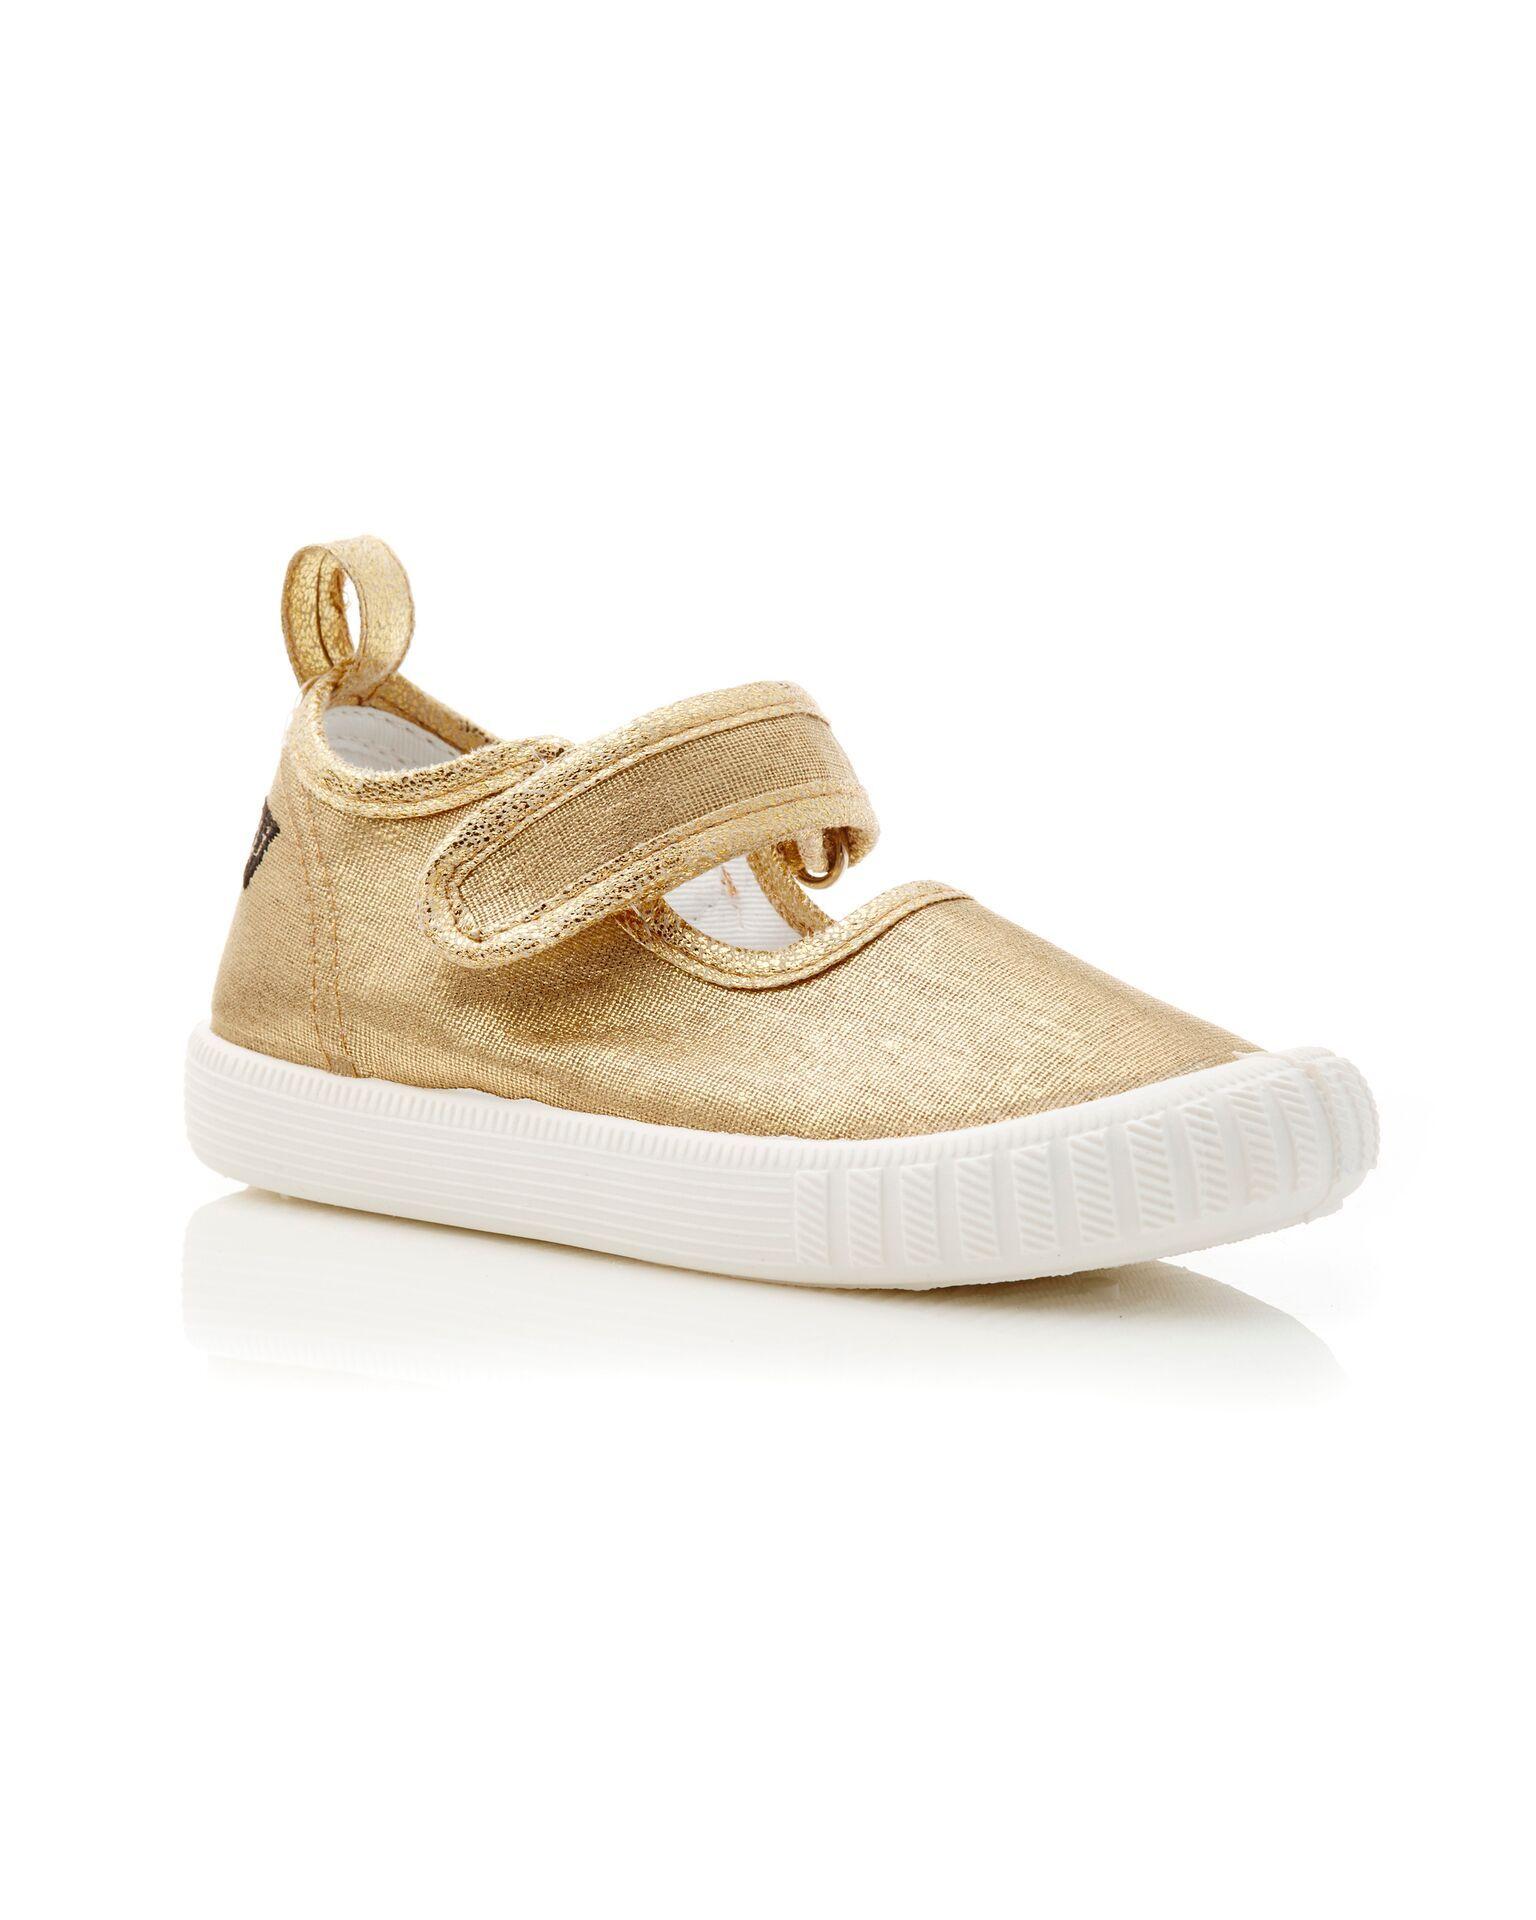 Walnut Classic MJ 18 Lurex Gold